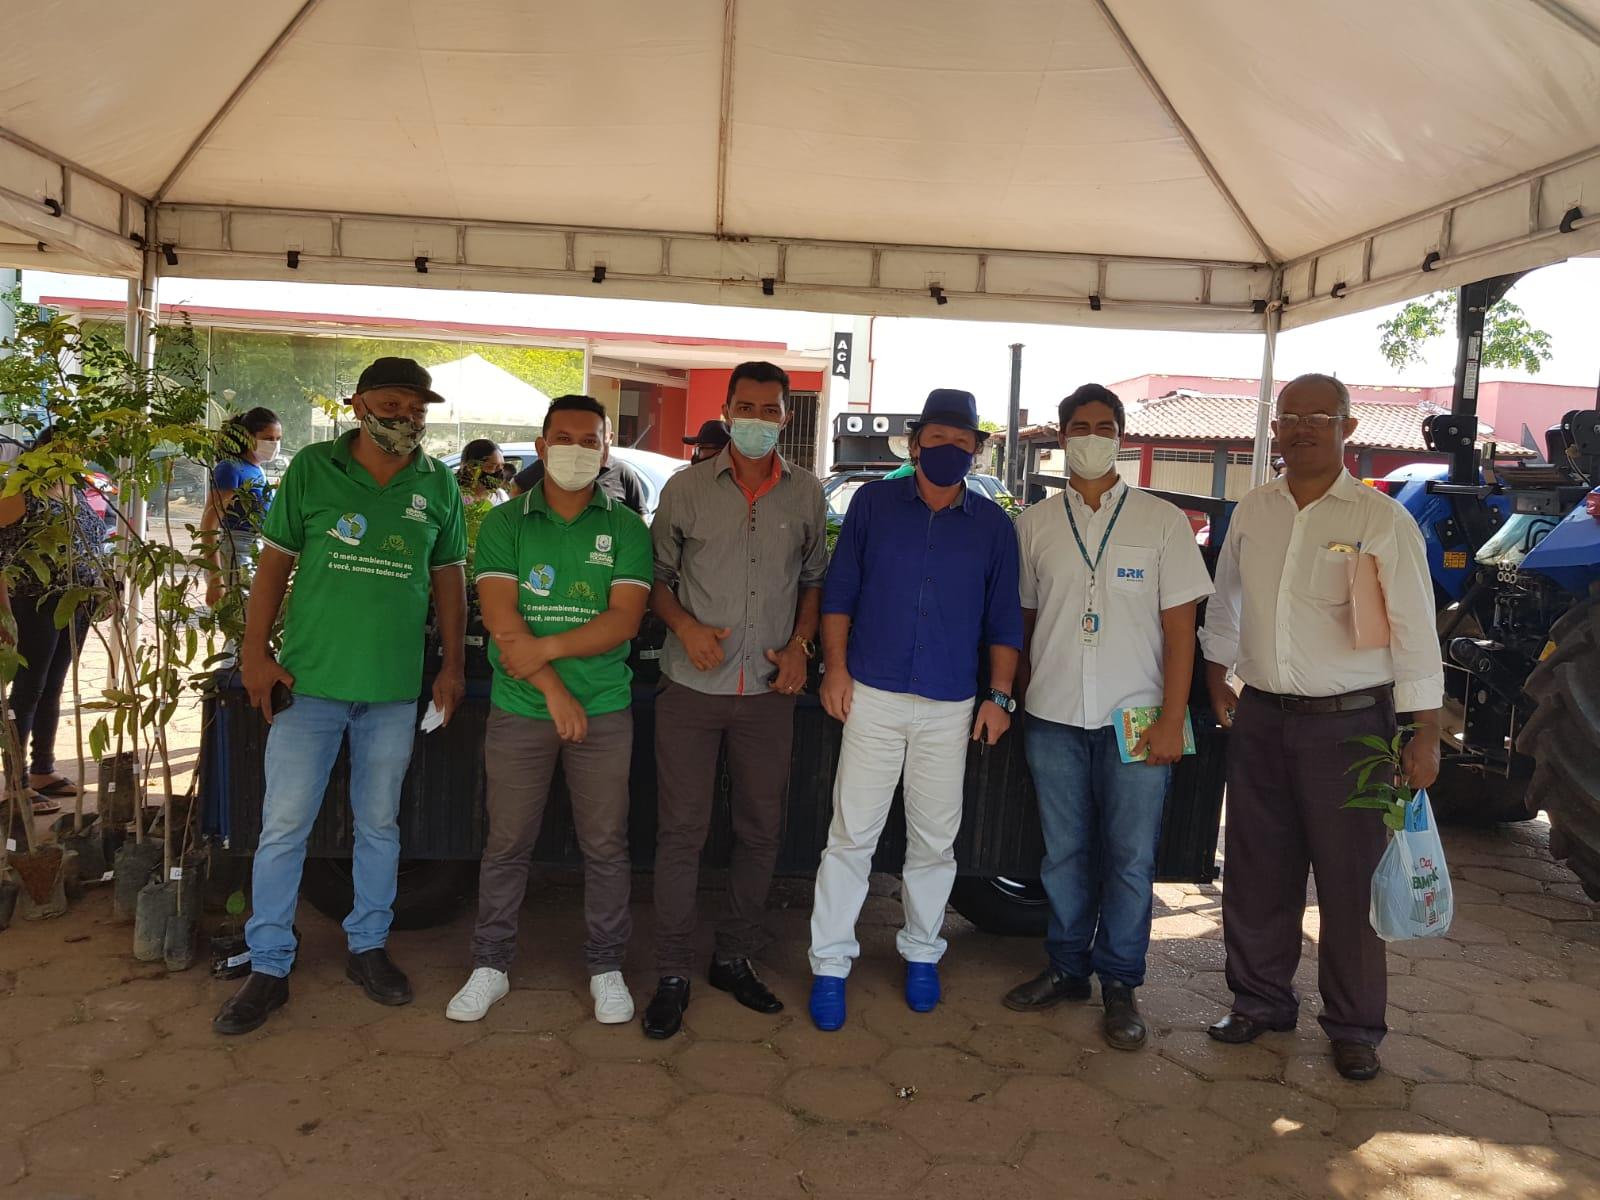 BRK Ambiental participa da programação da Semana da Árvore em Colinas